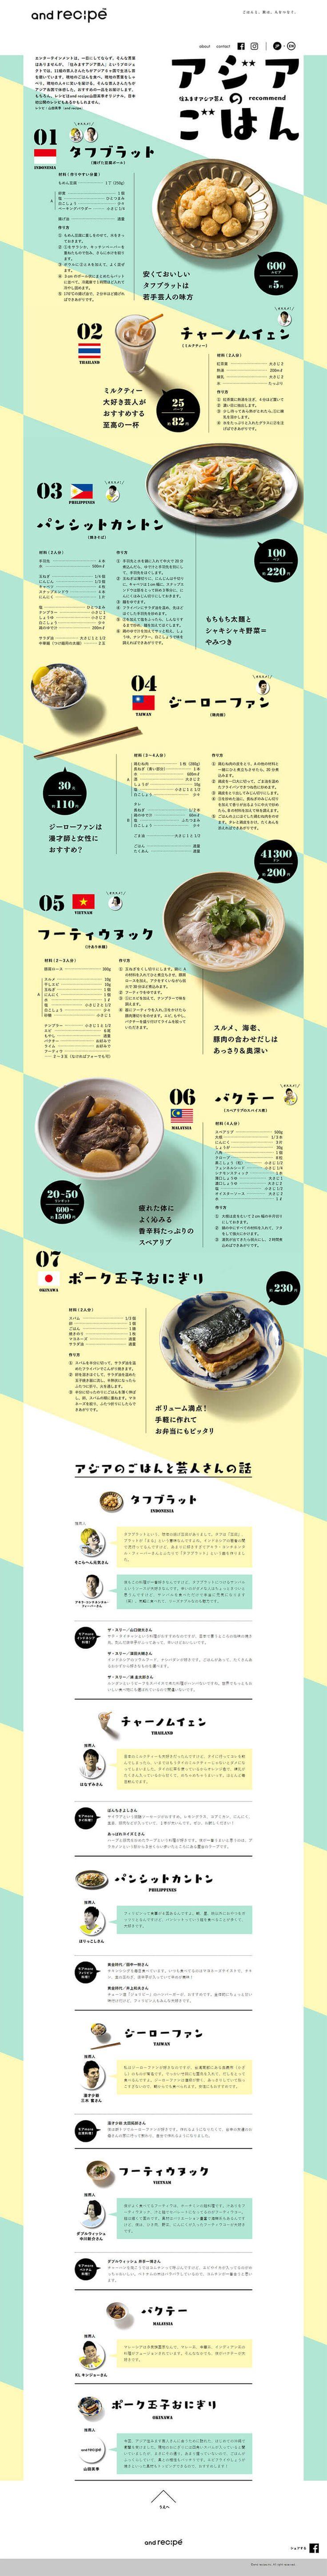 株式会社and recipe様の「アジアのごはん」のランディングページ(LP)かわいい系|食品 #LP #ランディングページ #ランペ #アジアのごはん